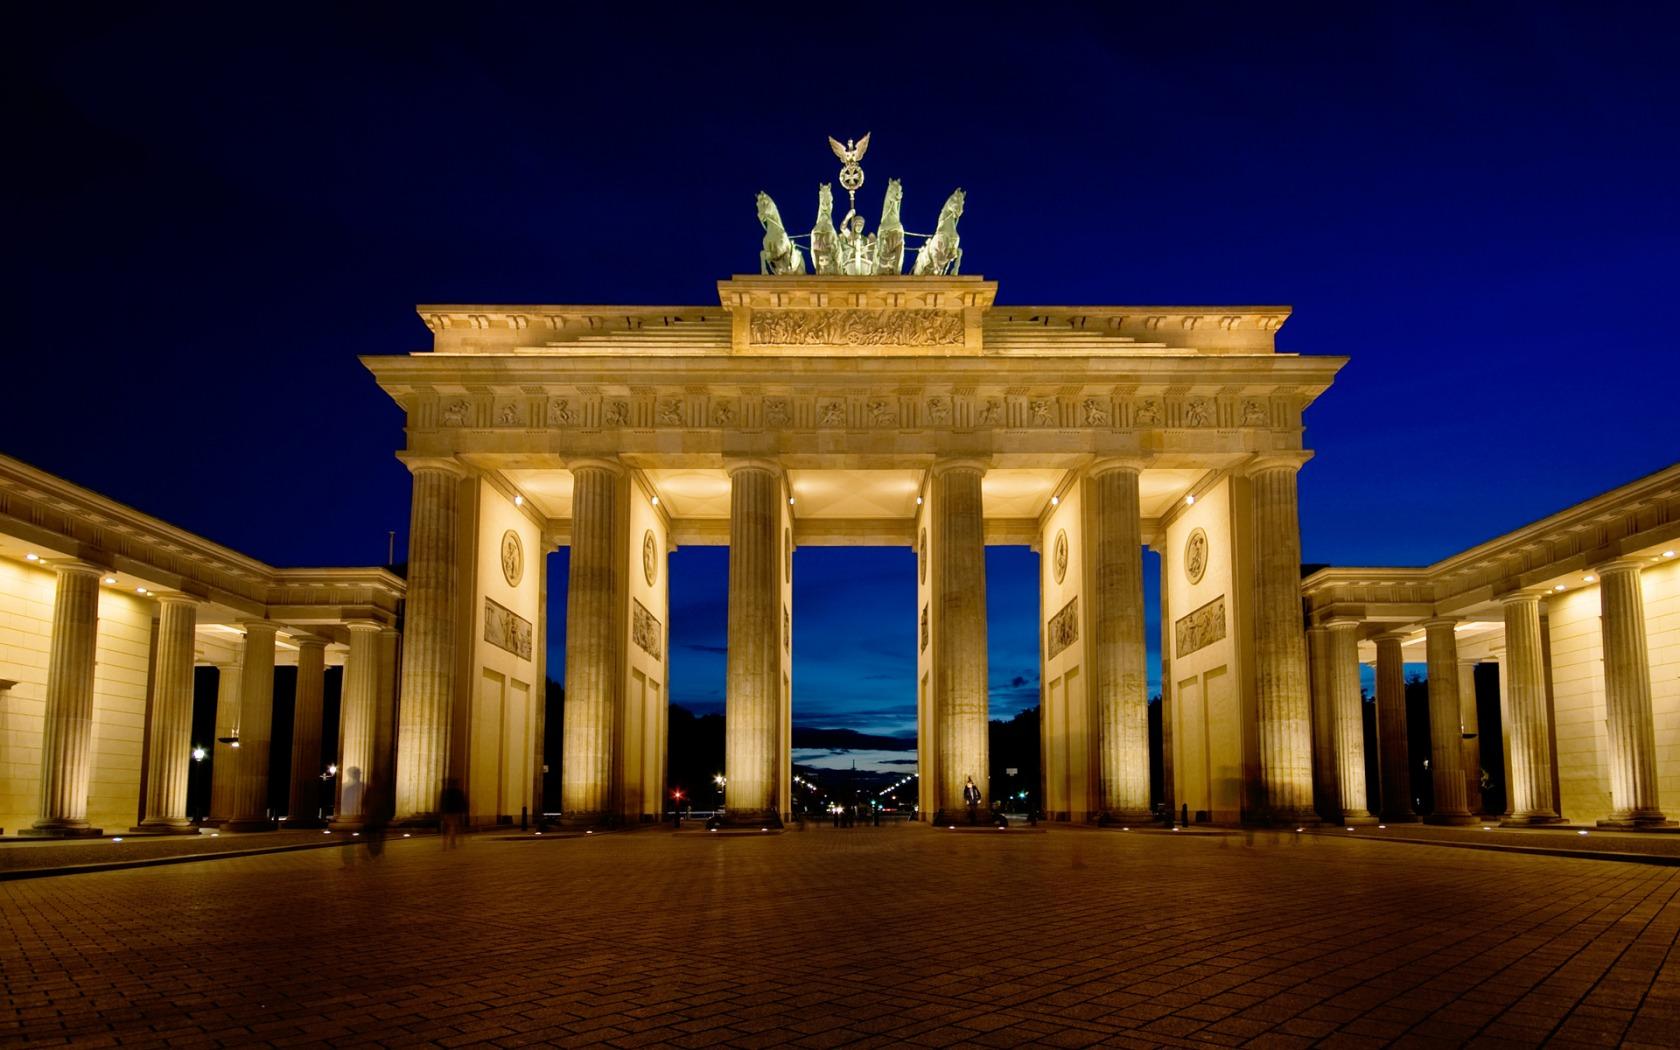 Brandenburg Gate Wallpaper 4   1680 X 1050 stmednet 1680x1050